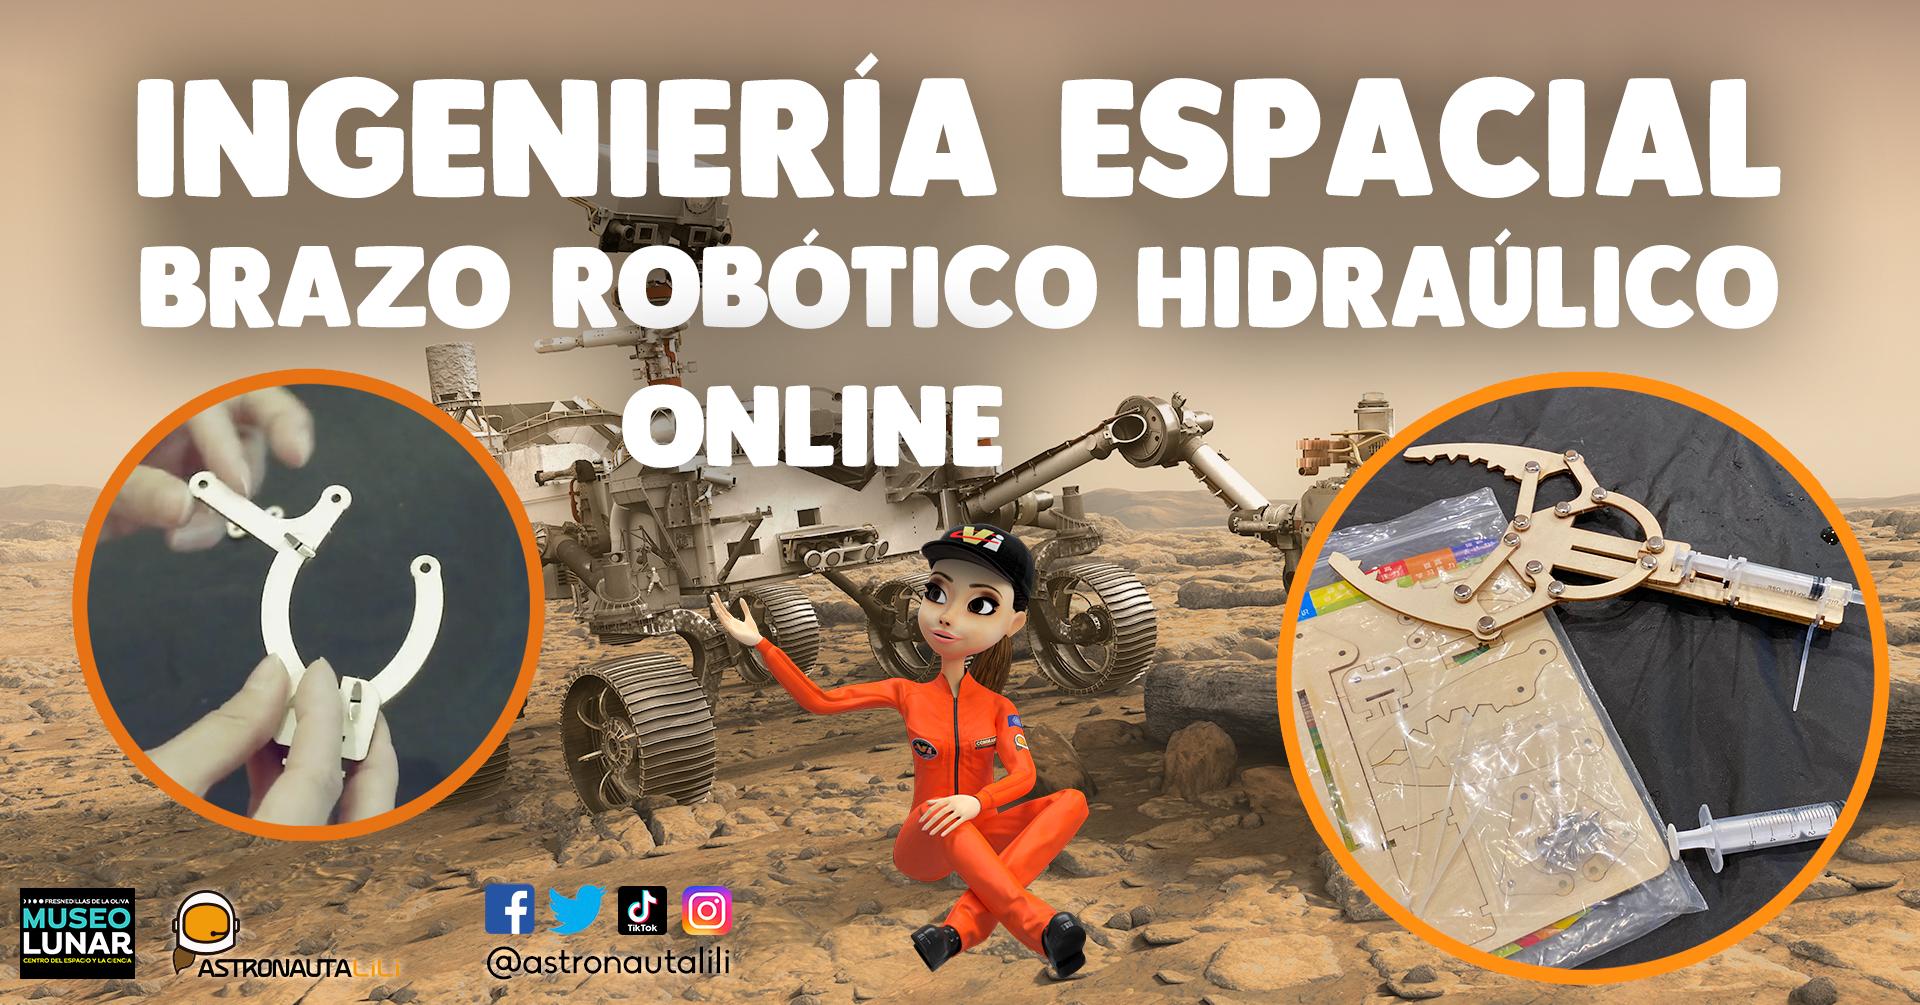 Astronauta_LiLi_en_el_Museo_LunarIngeniería espacial: Brazo robótico hidráulico